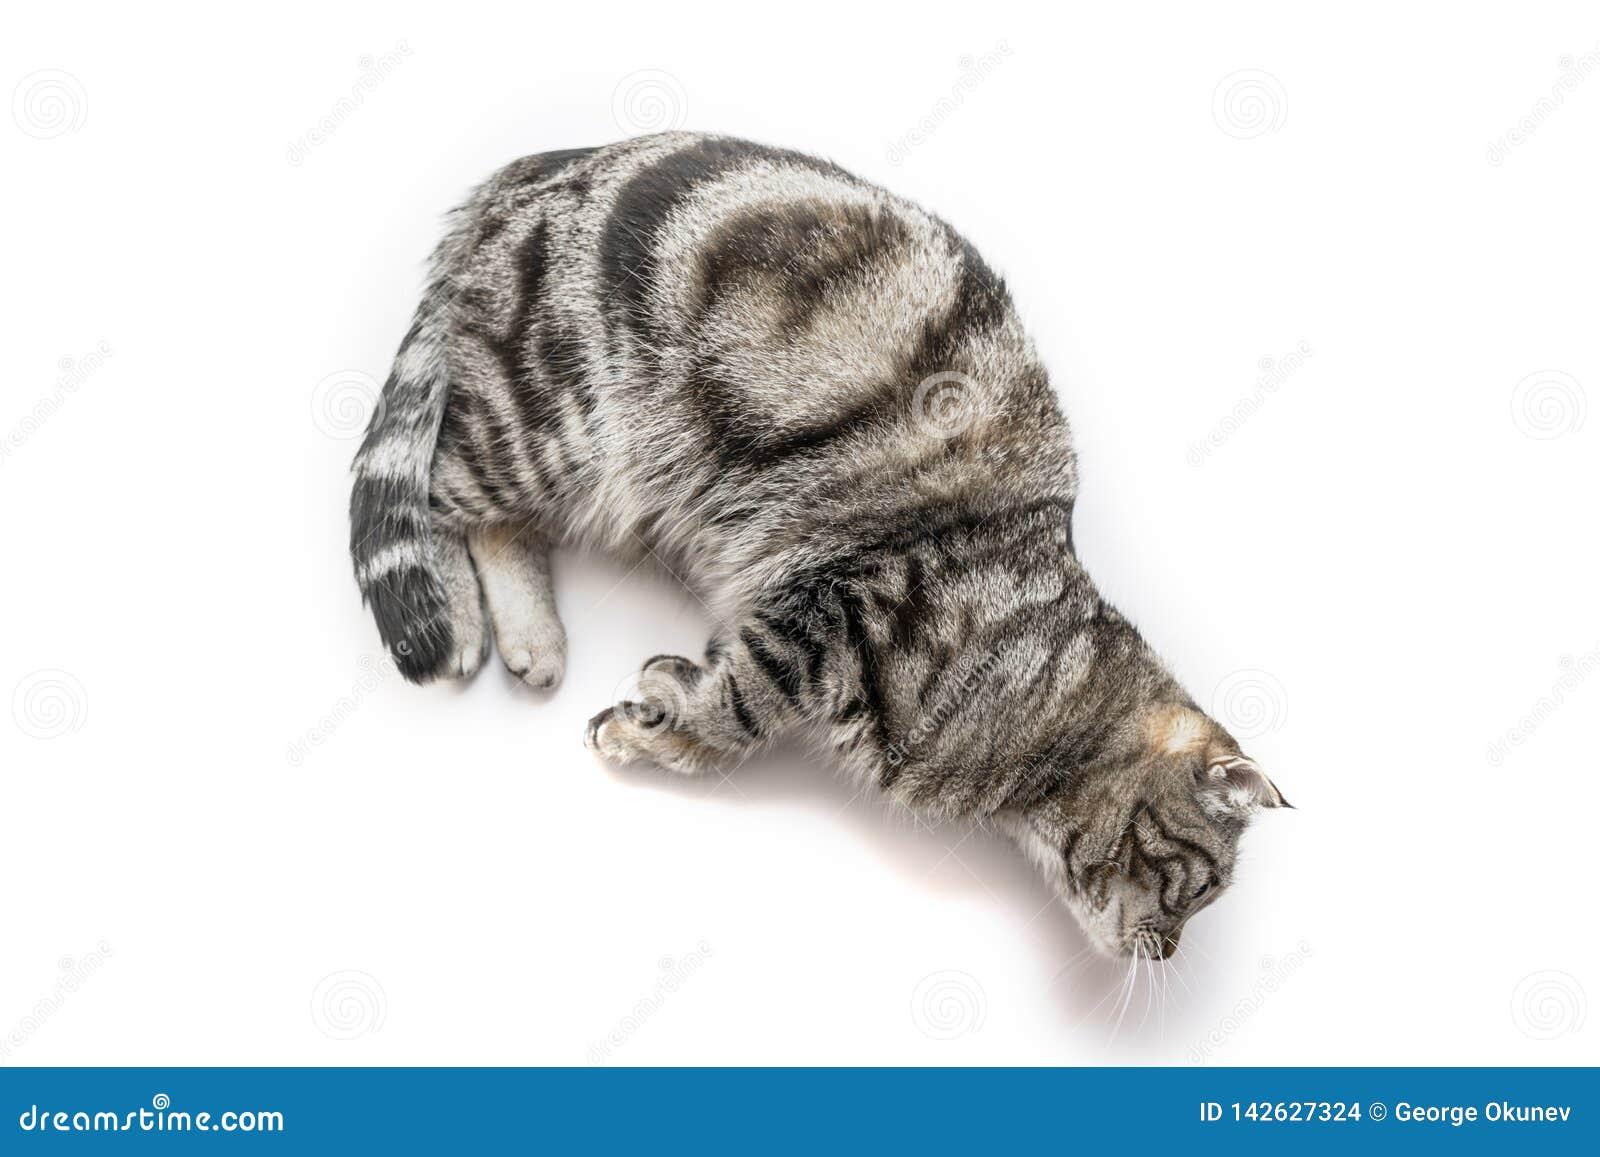 Όμορφη μαύρη ασημένια τιγρέ βρετανική γάτα Shorthair που καθορίζει την ένωση πέρα από την άκρη που απομονώνεται στο άσπρο υπόβαθρ